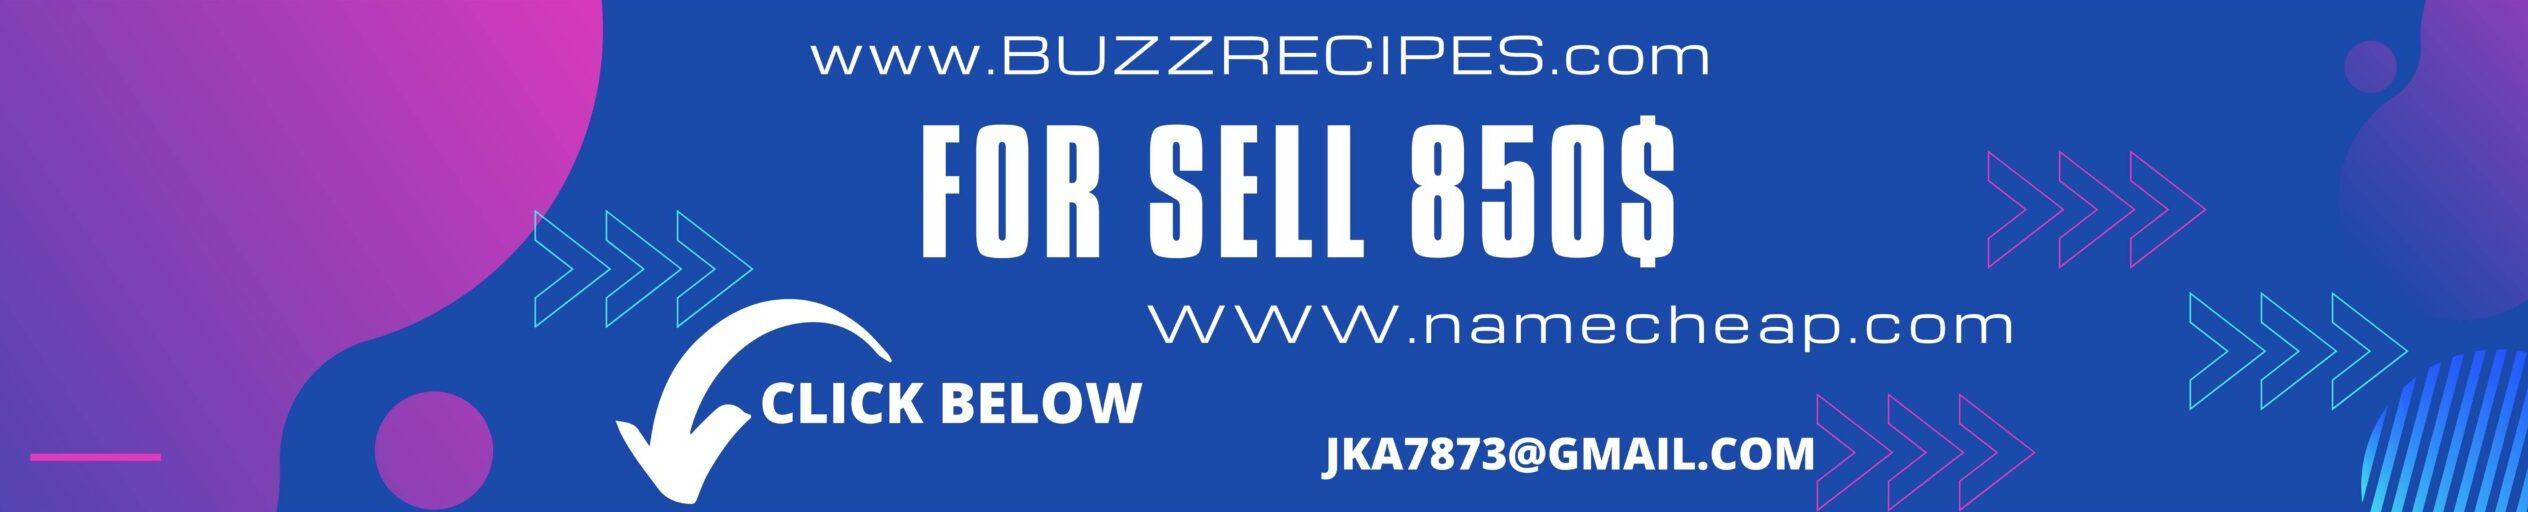 buzzrecipes- Food News, Health News, Healthy Recipes, Vegetarian Recipes